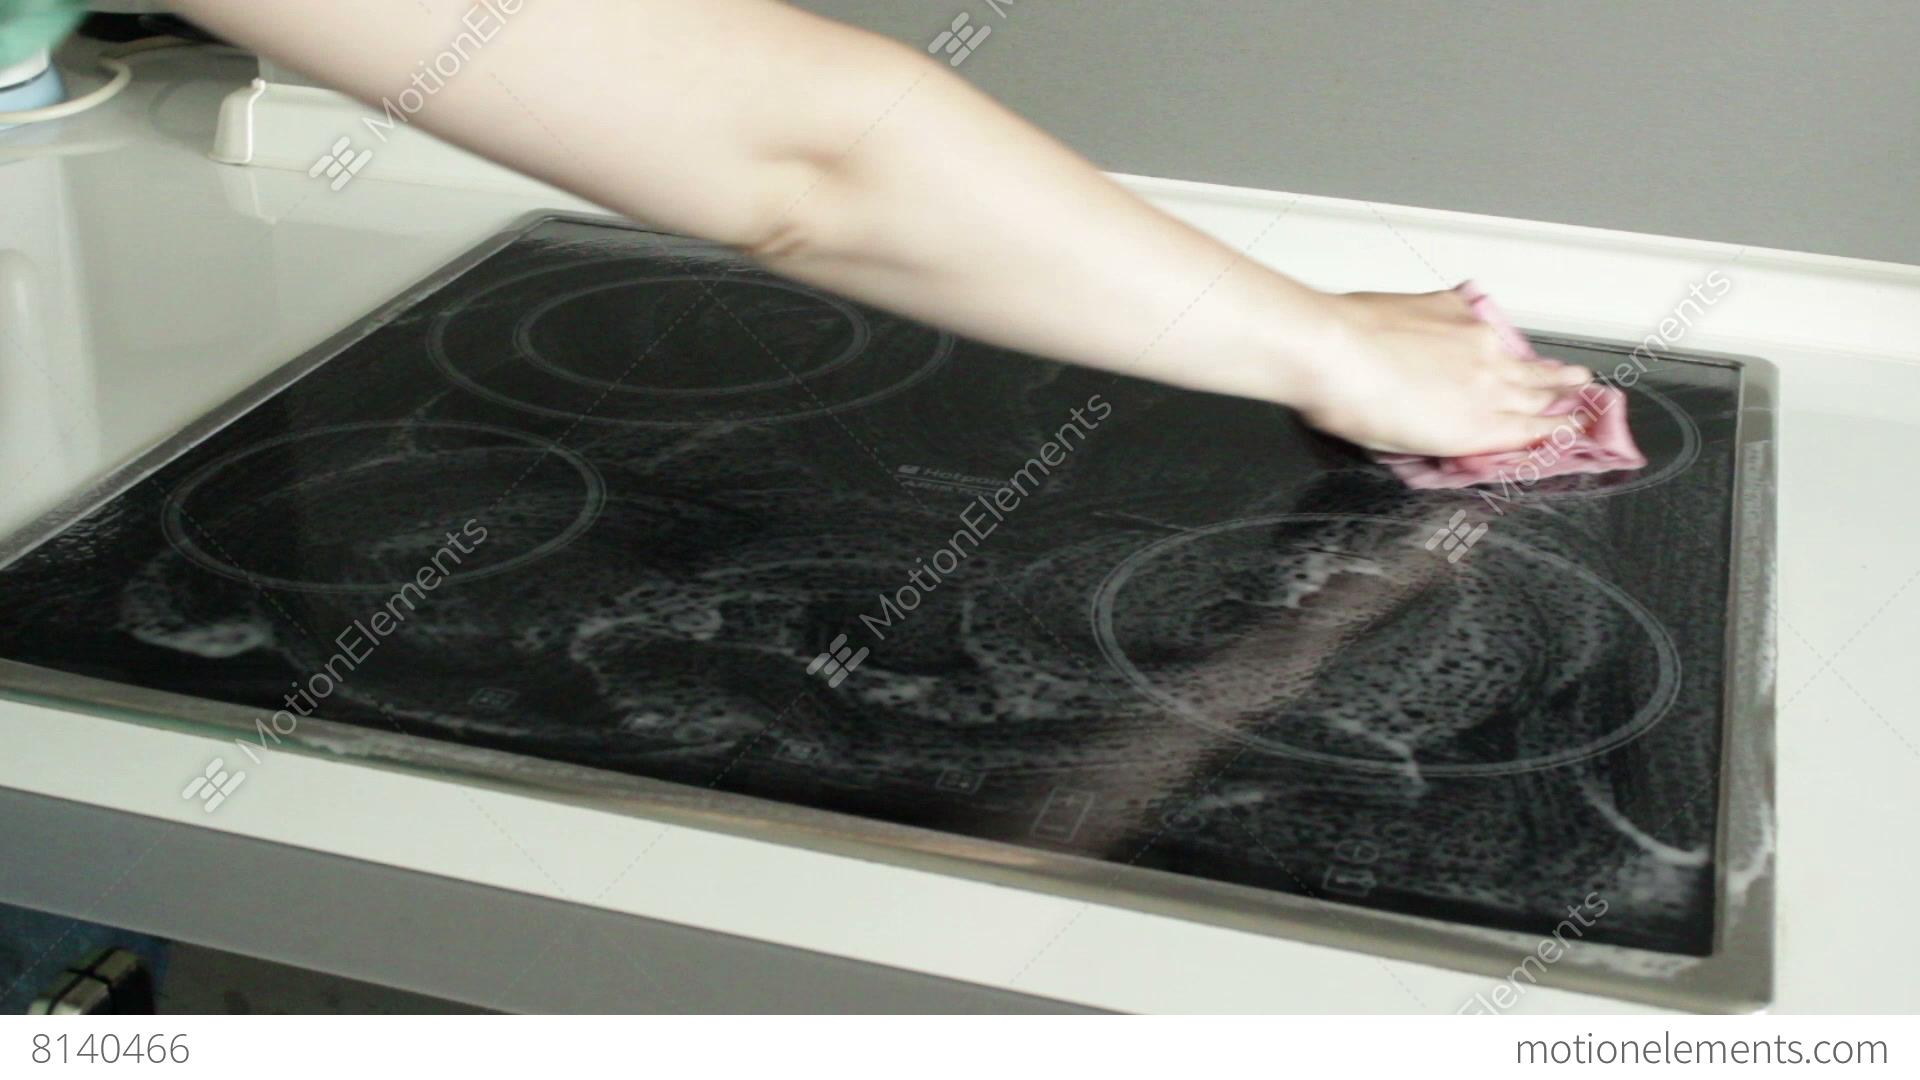 Woman cleaning ceramic cooker lizenzfreie videos 8140466 for Cuisine kocher 3d